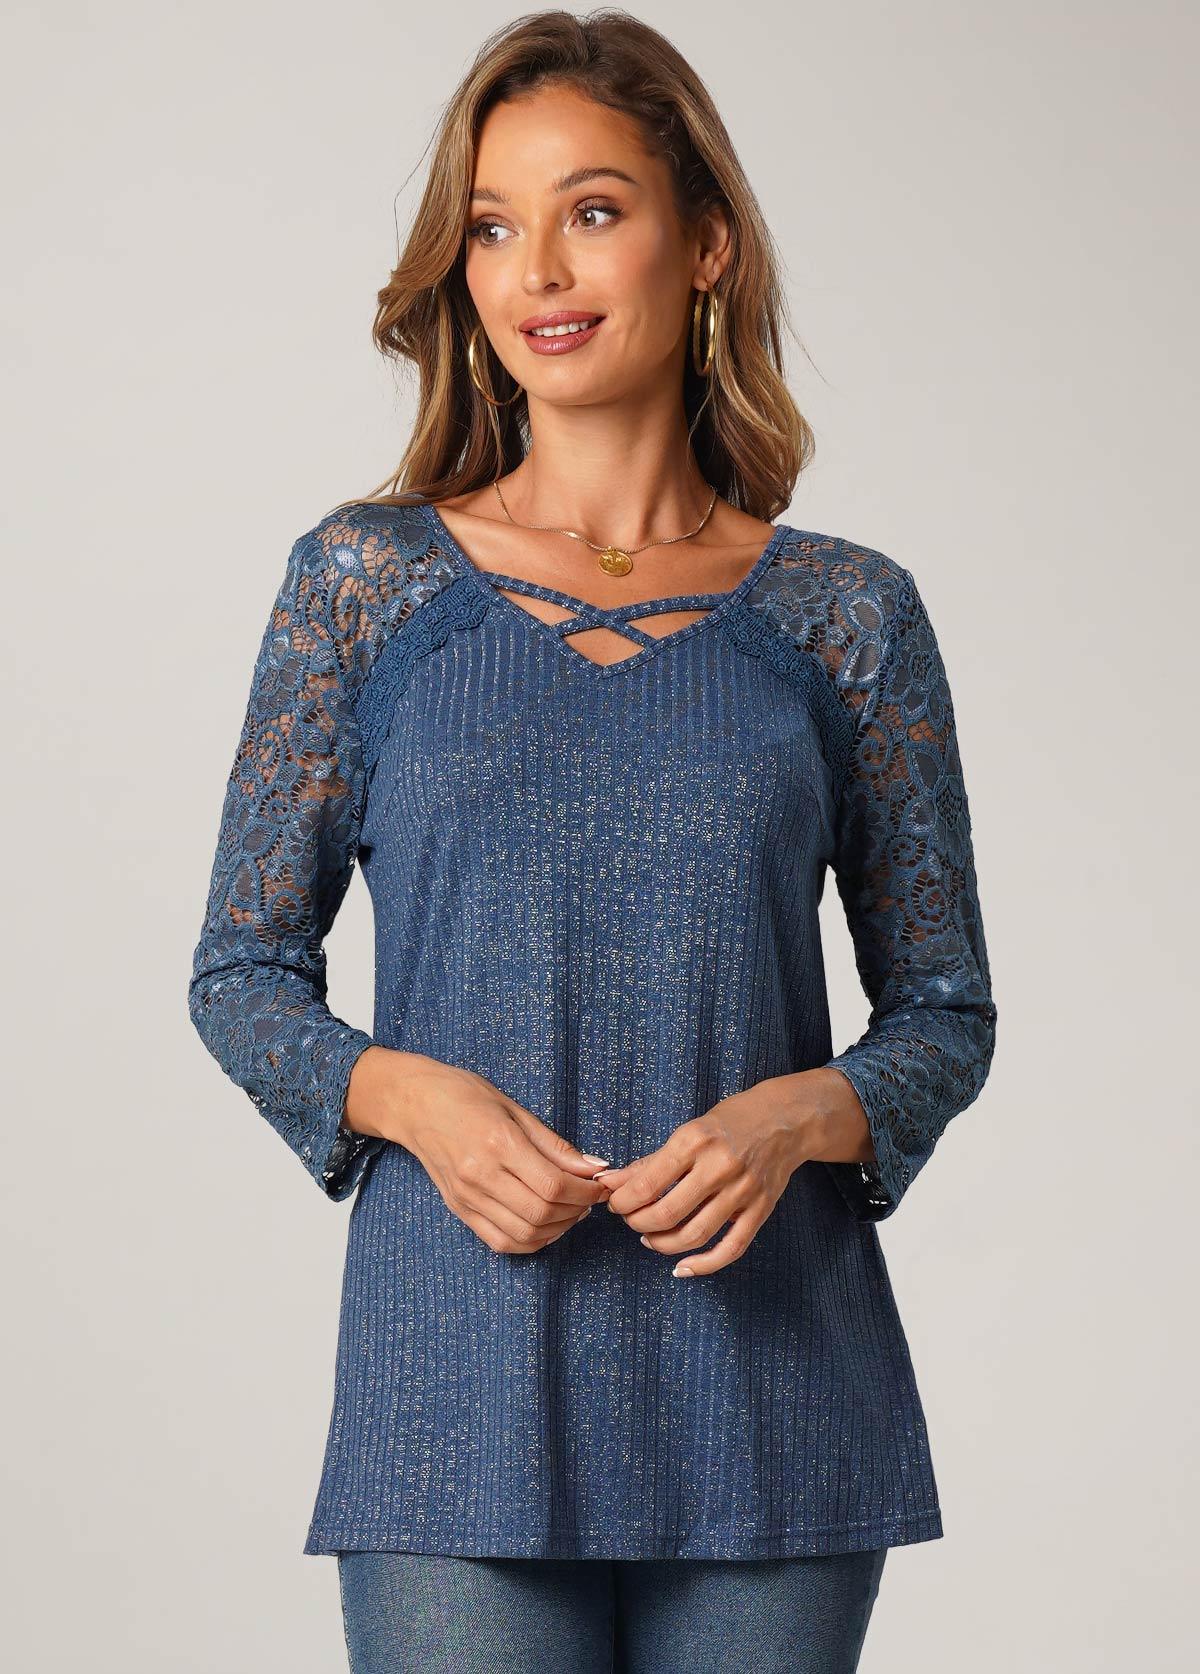 ROTITA Lace Stitching Cross Strap 3/4 Sleeve Tunic Top